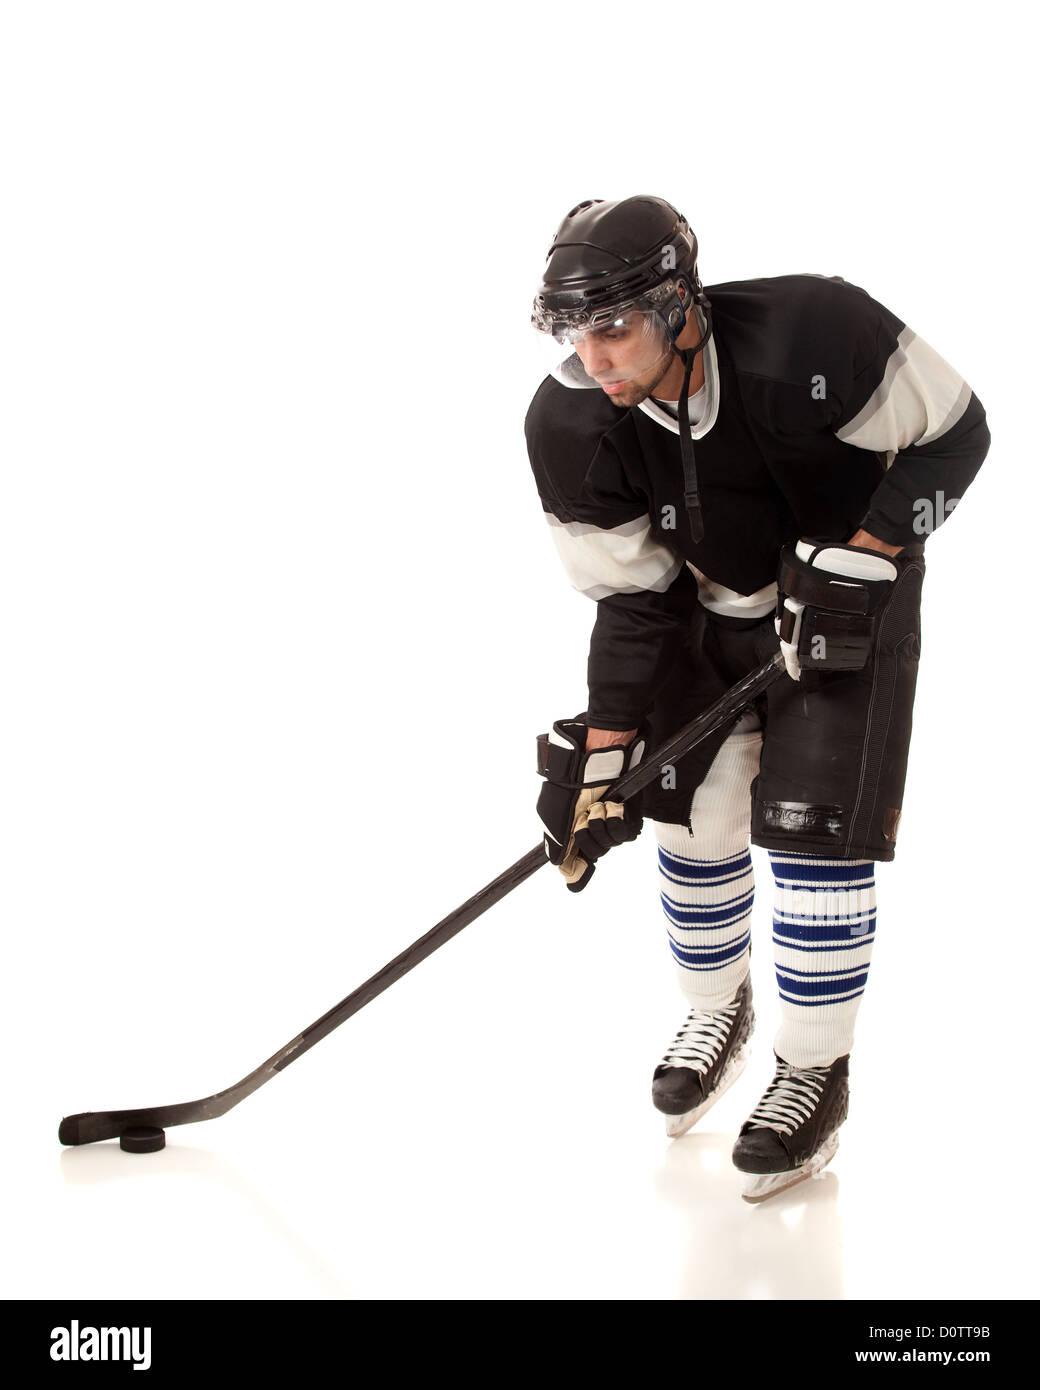 Joueur de Hockey sur glace Photo Stock